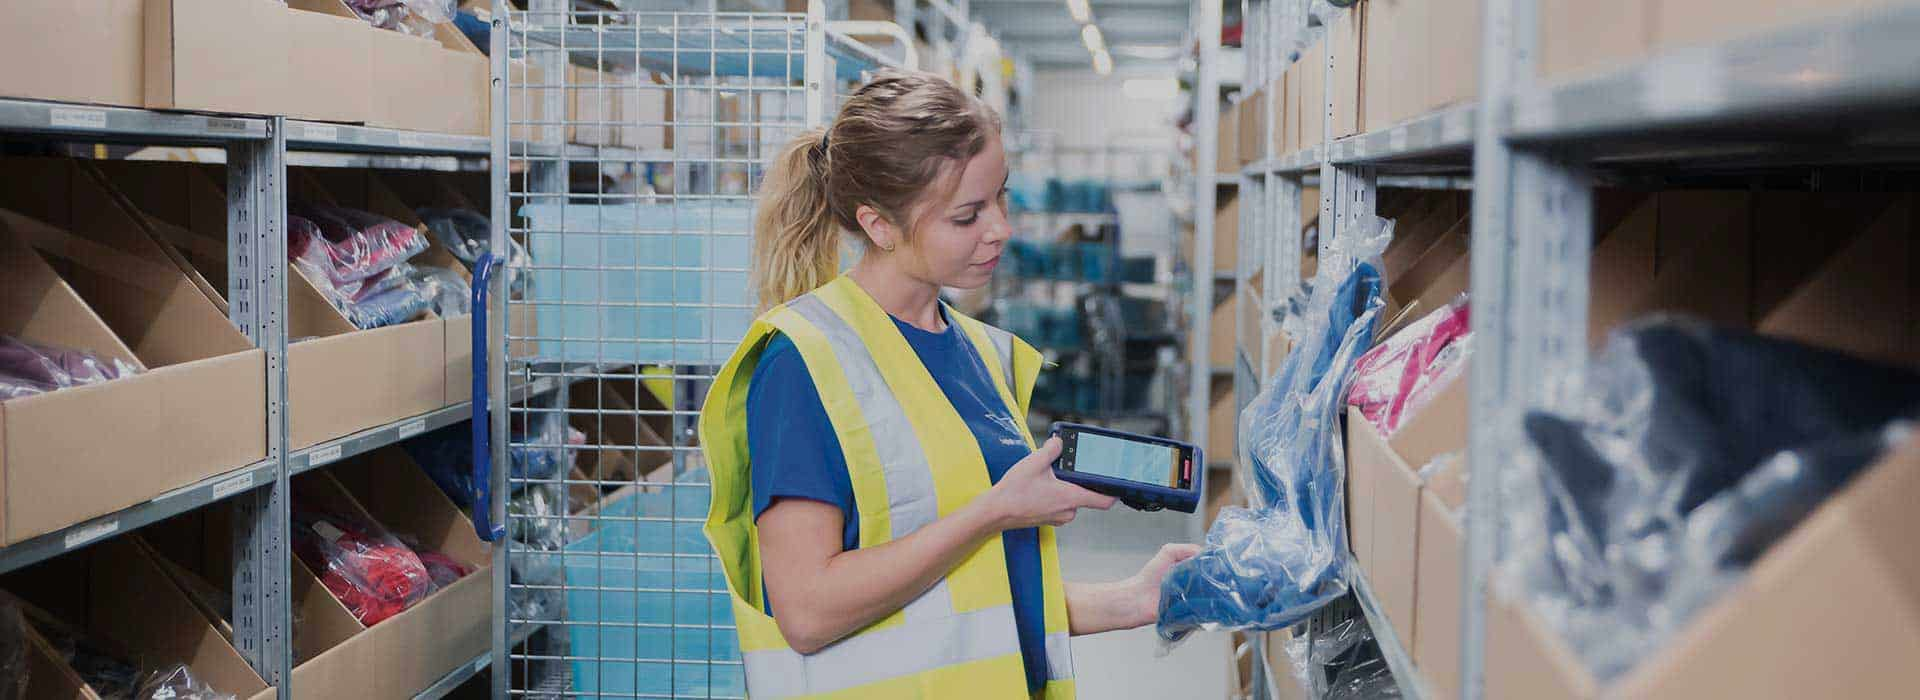 Erfolgreicher Onlinehandel braucht Logistik